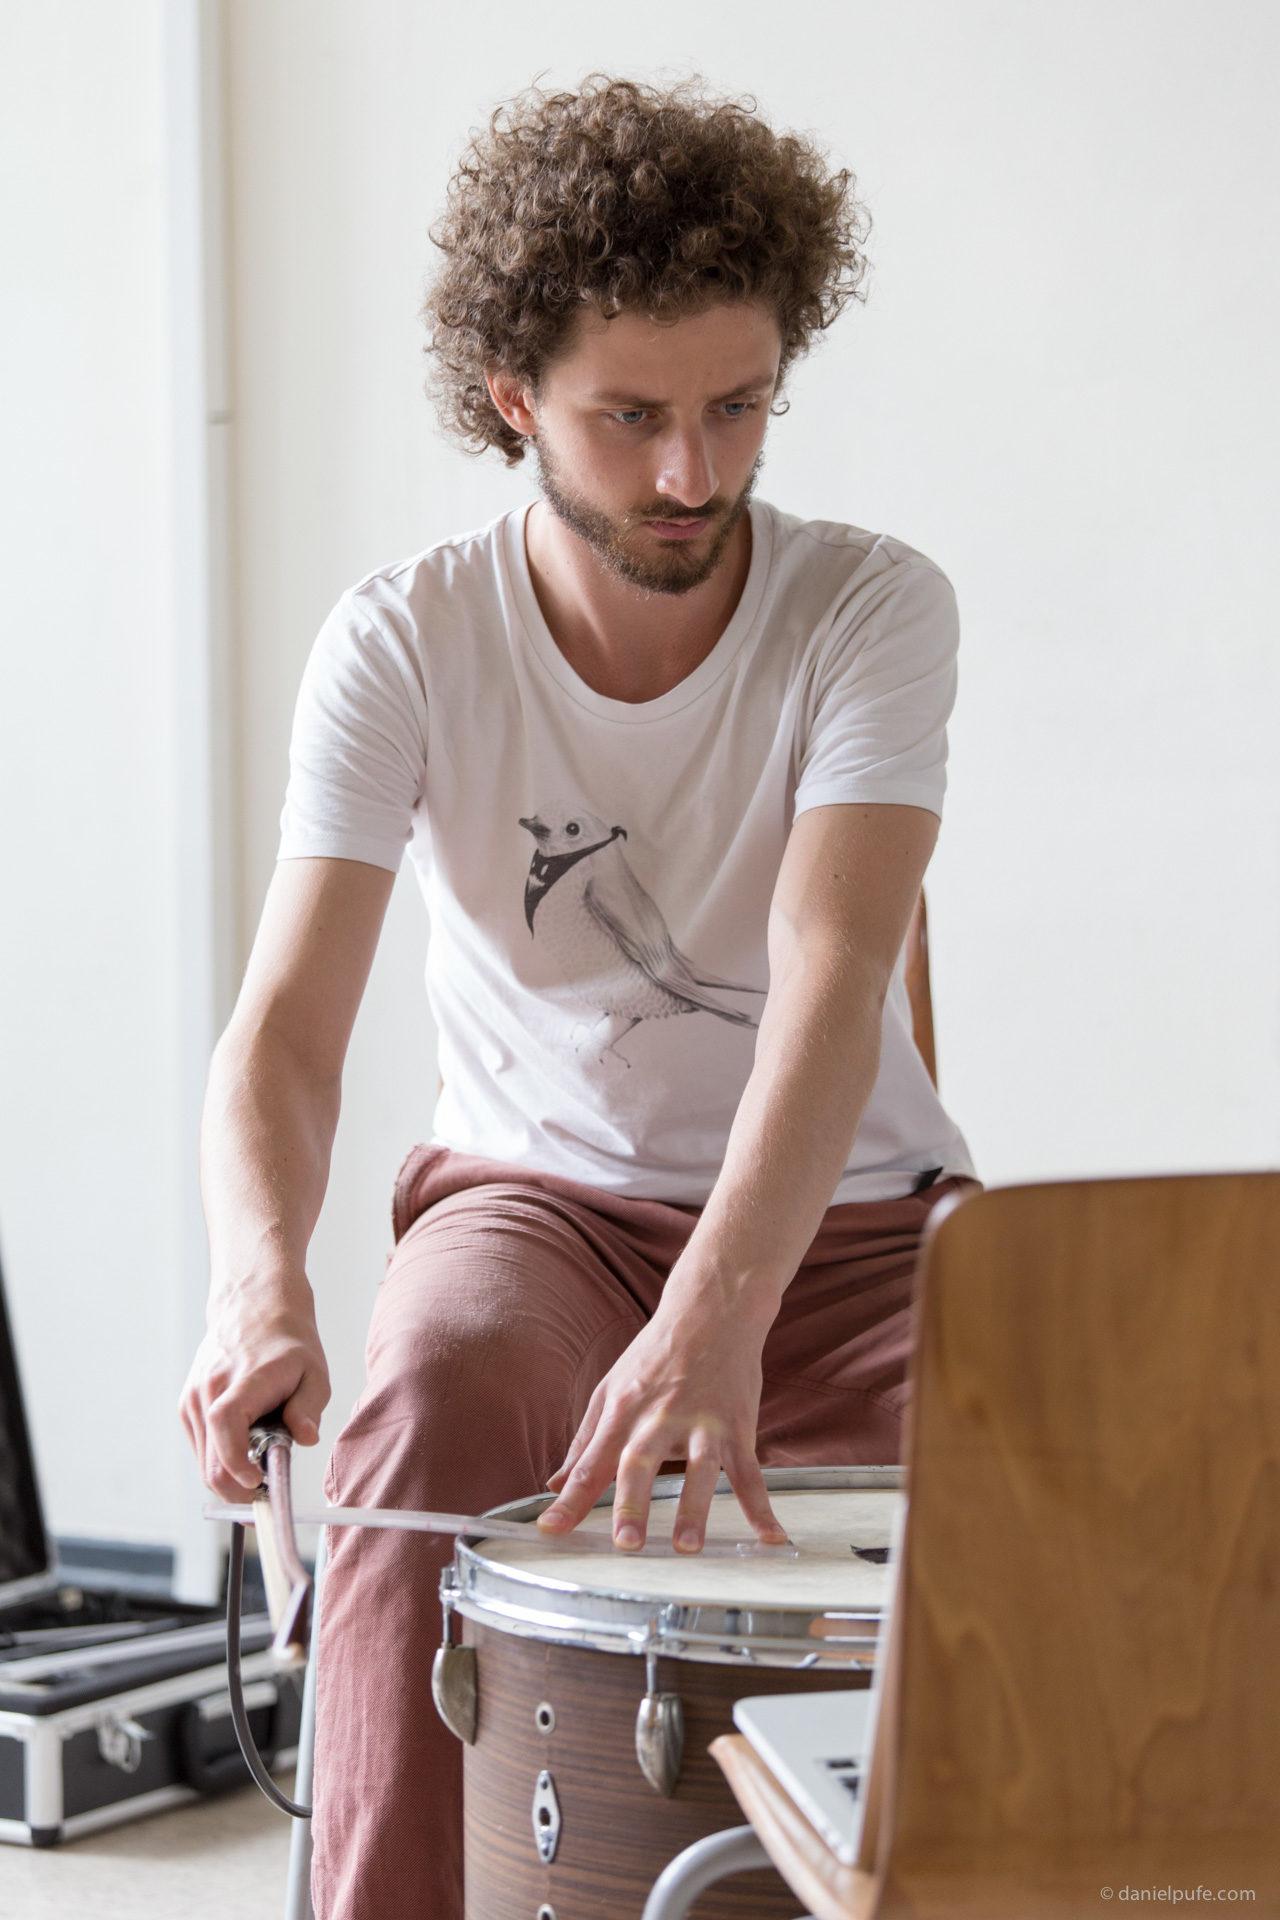 Workshop - Noam Bierstone - Joshua Hyde